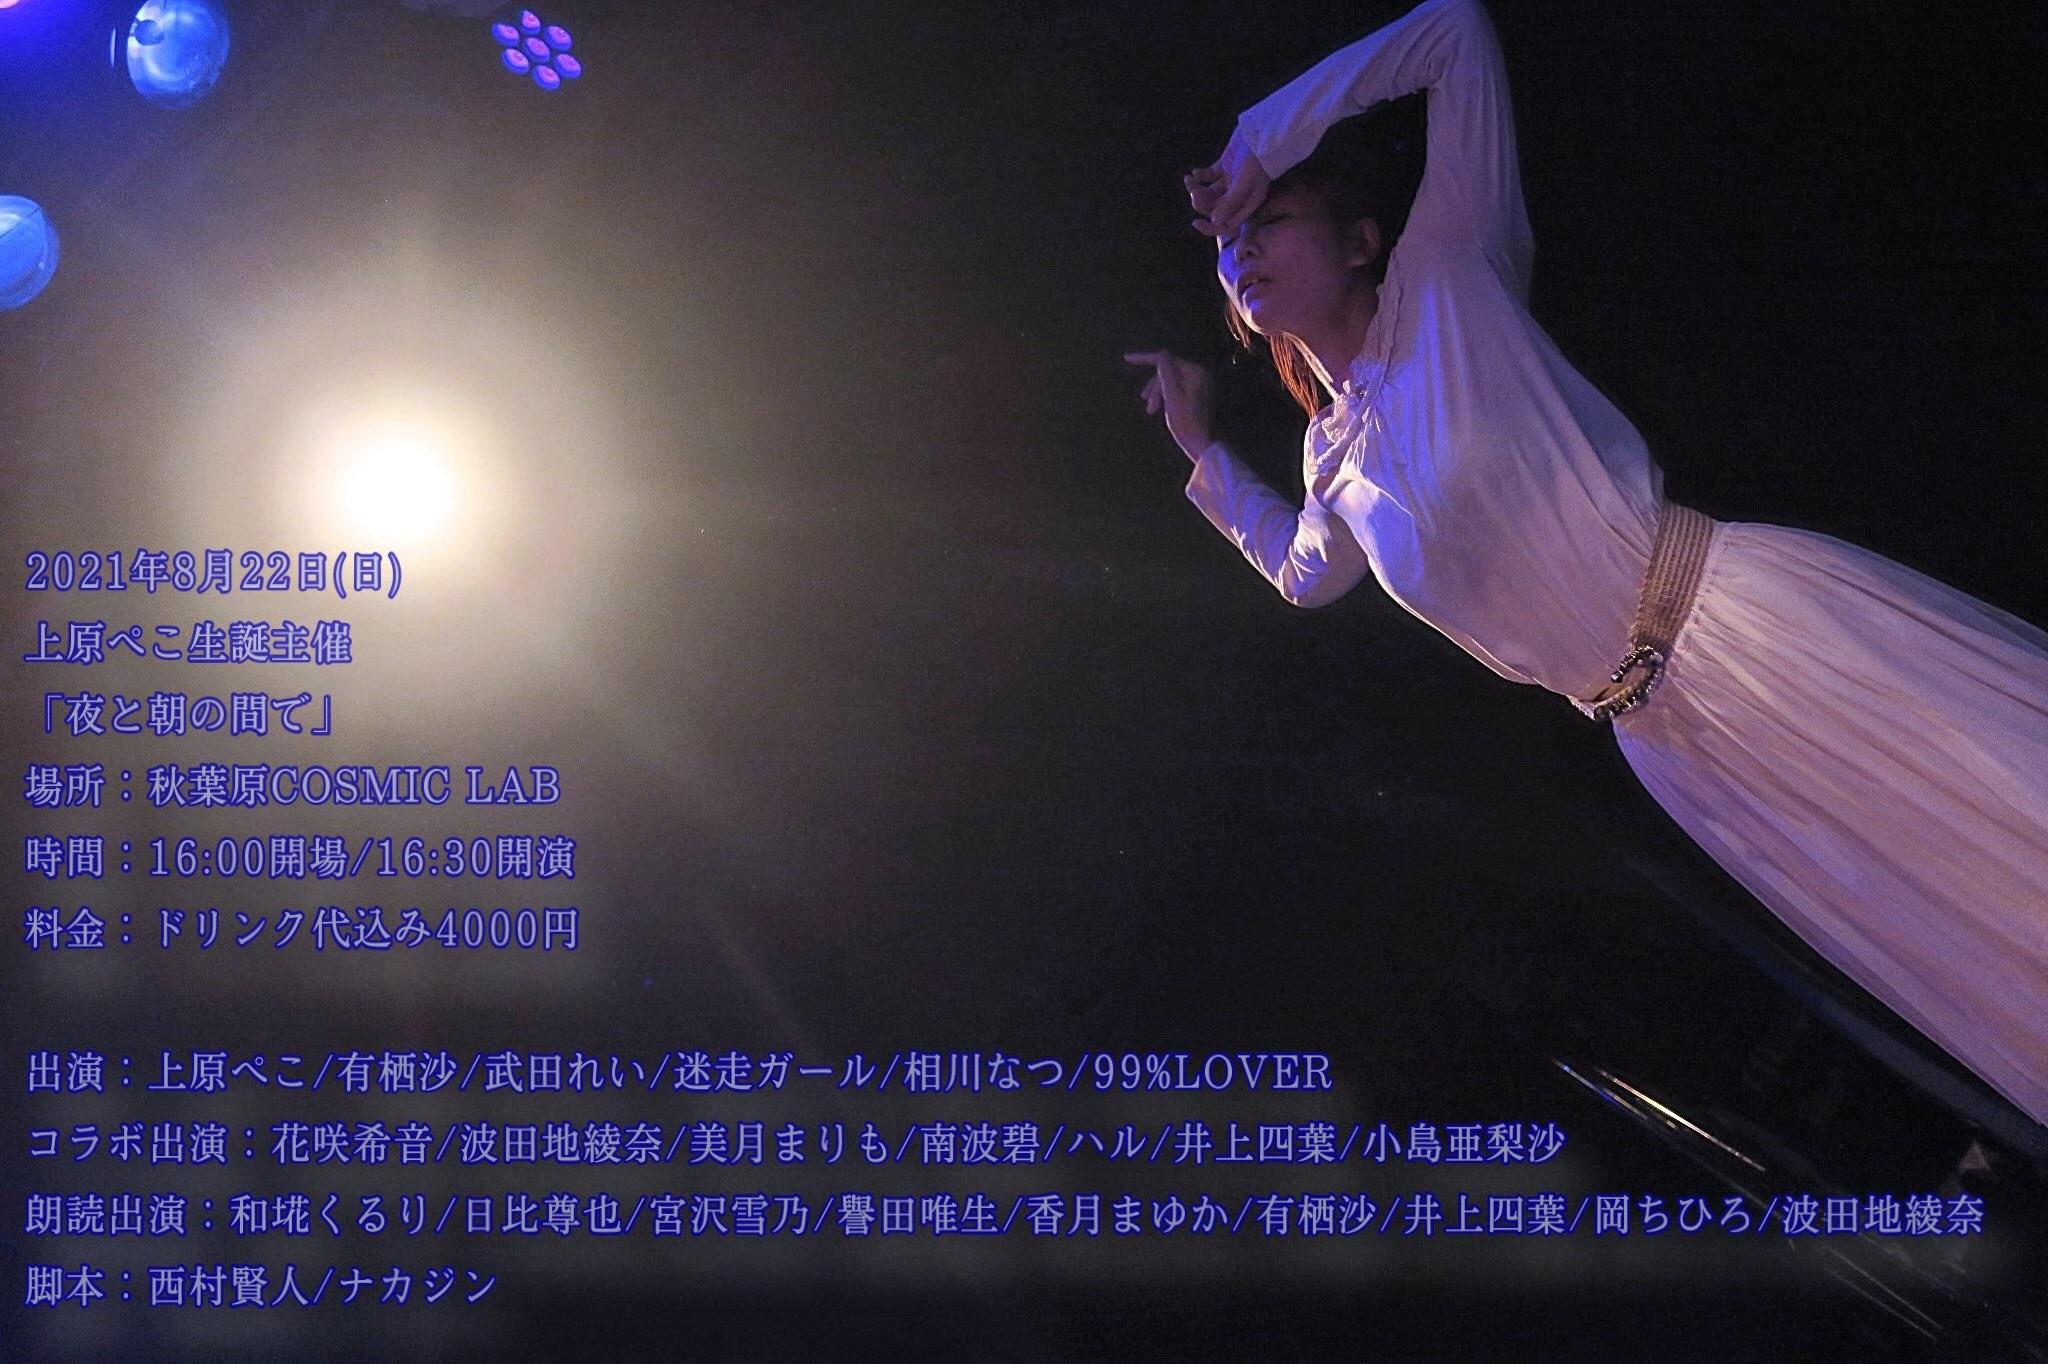 8月22日「上原ぺこ生誕主催」に出演します!!!